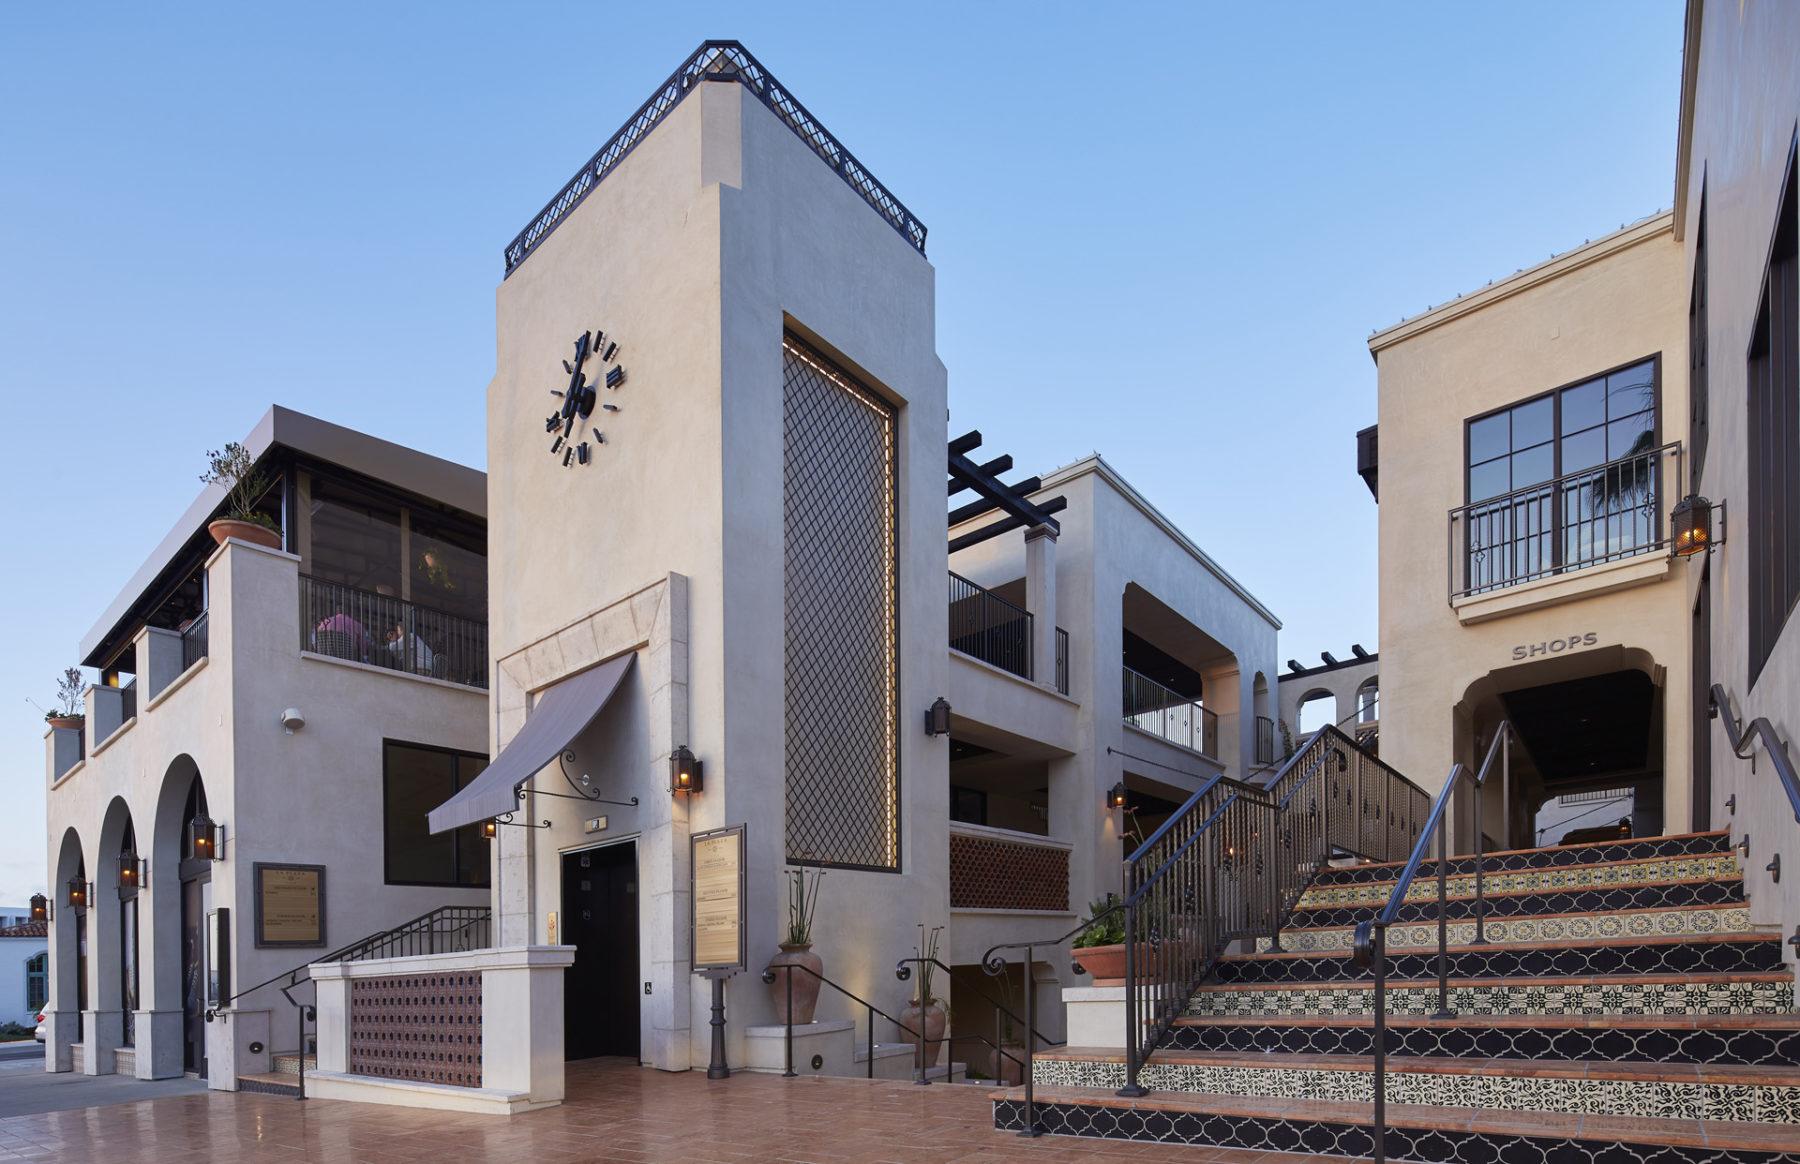 Dempsey La Jolla Plaza